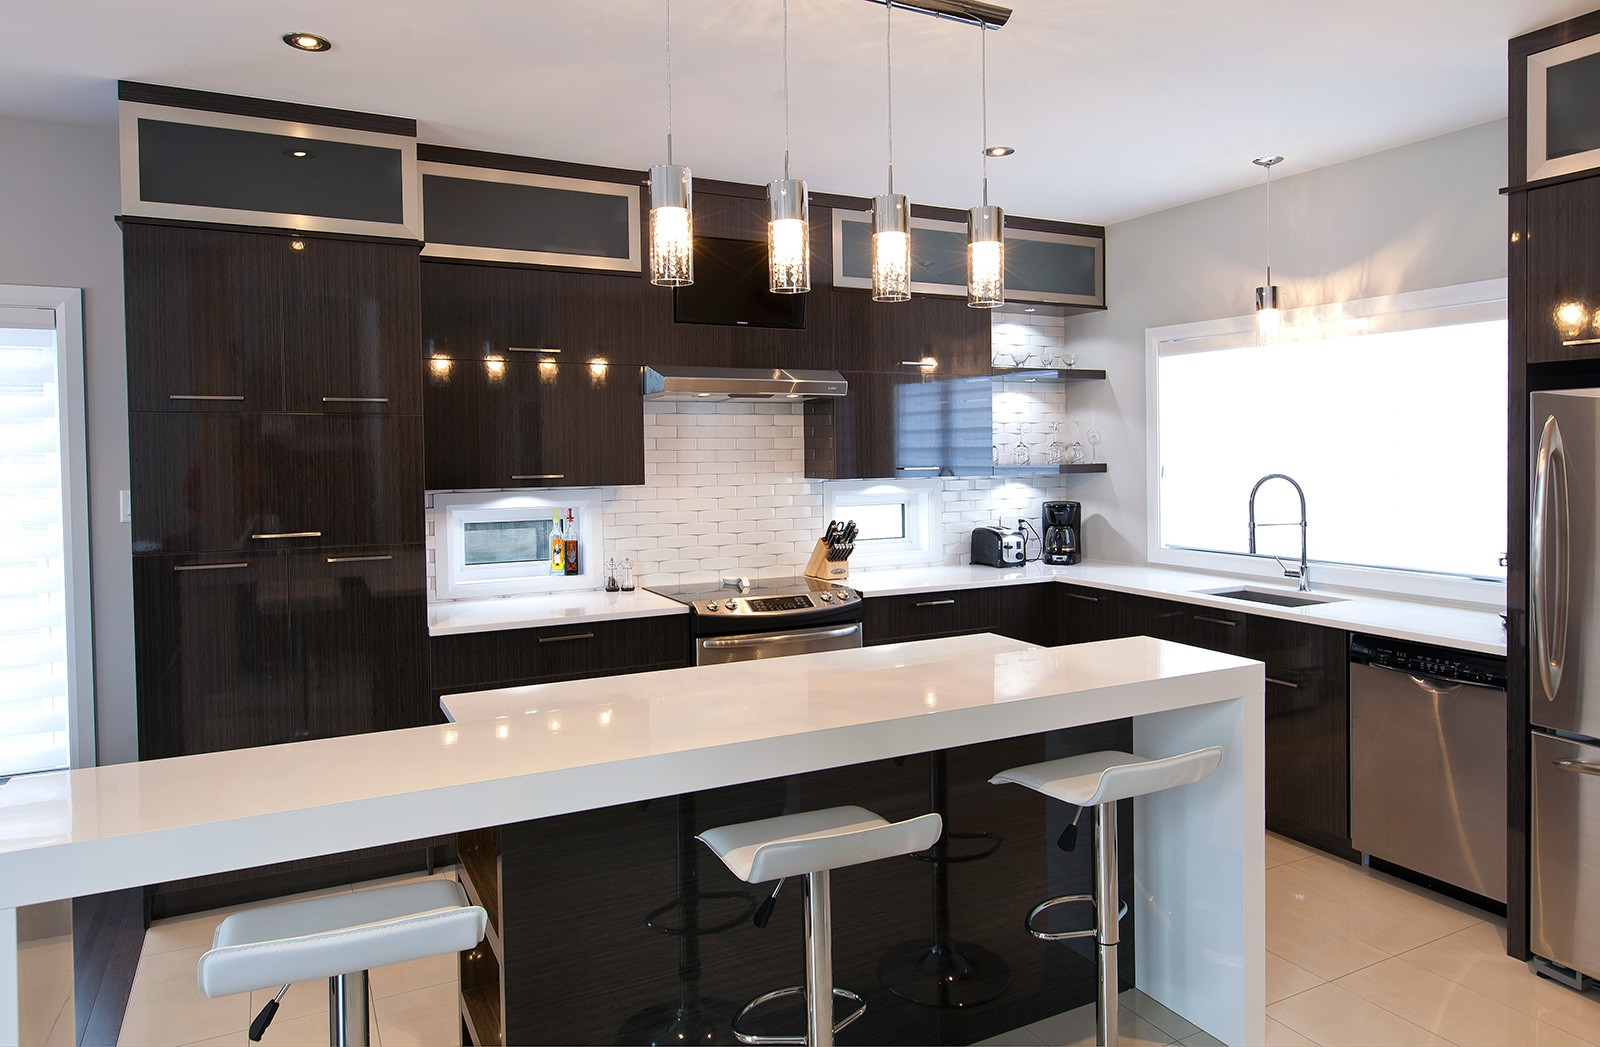 M6 deco cuisine noire cuisine id es de d coration de for Deco de cuisine a l ancienne